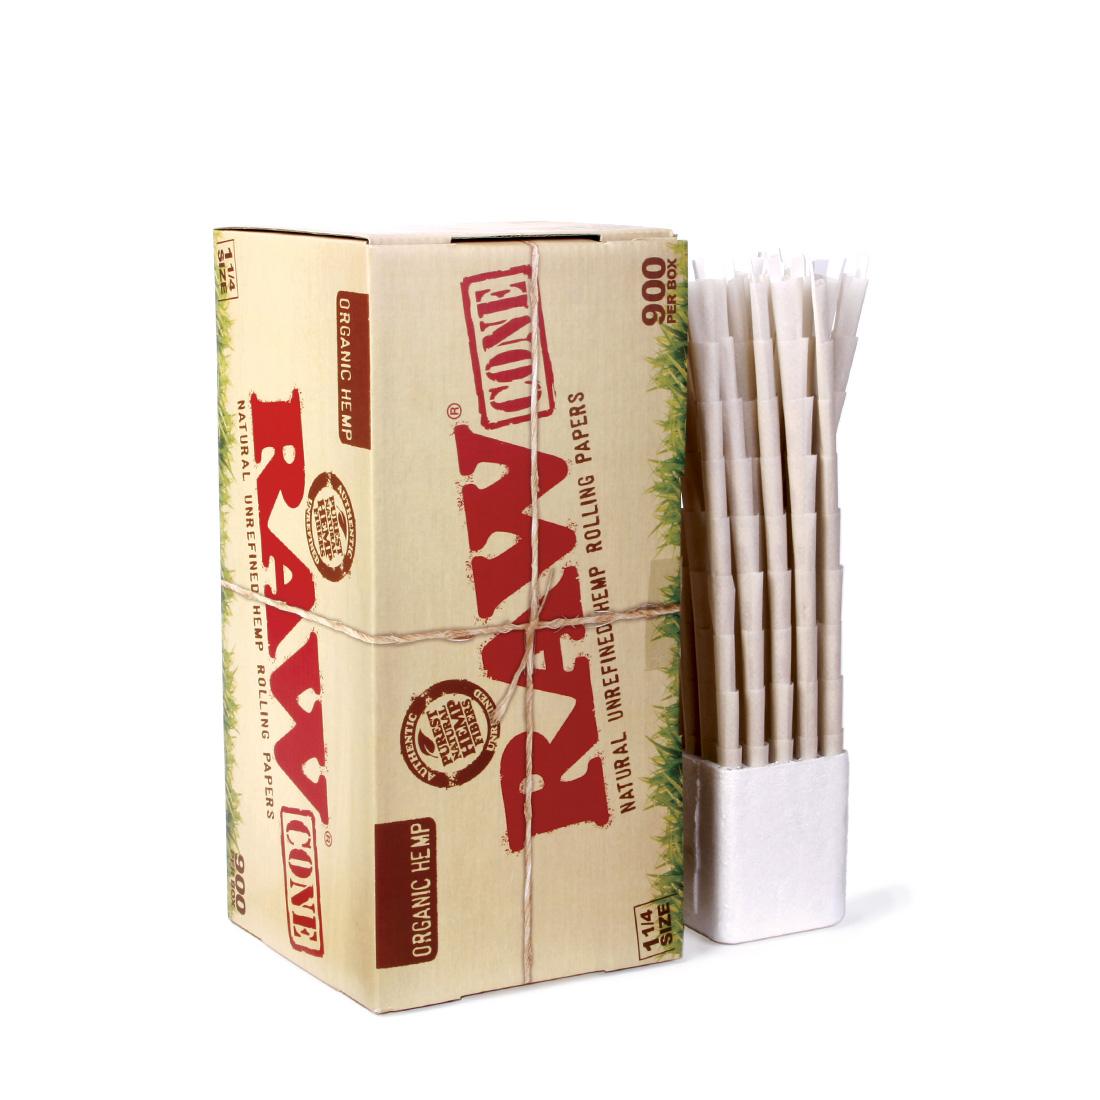 cône Raw organic x900